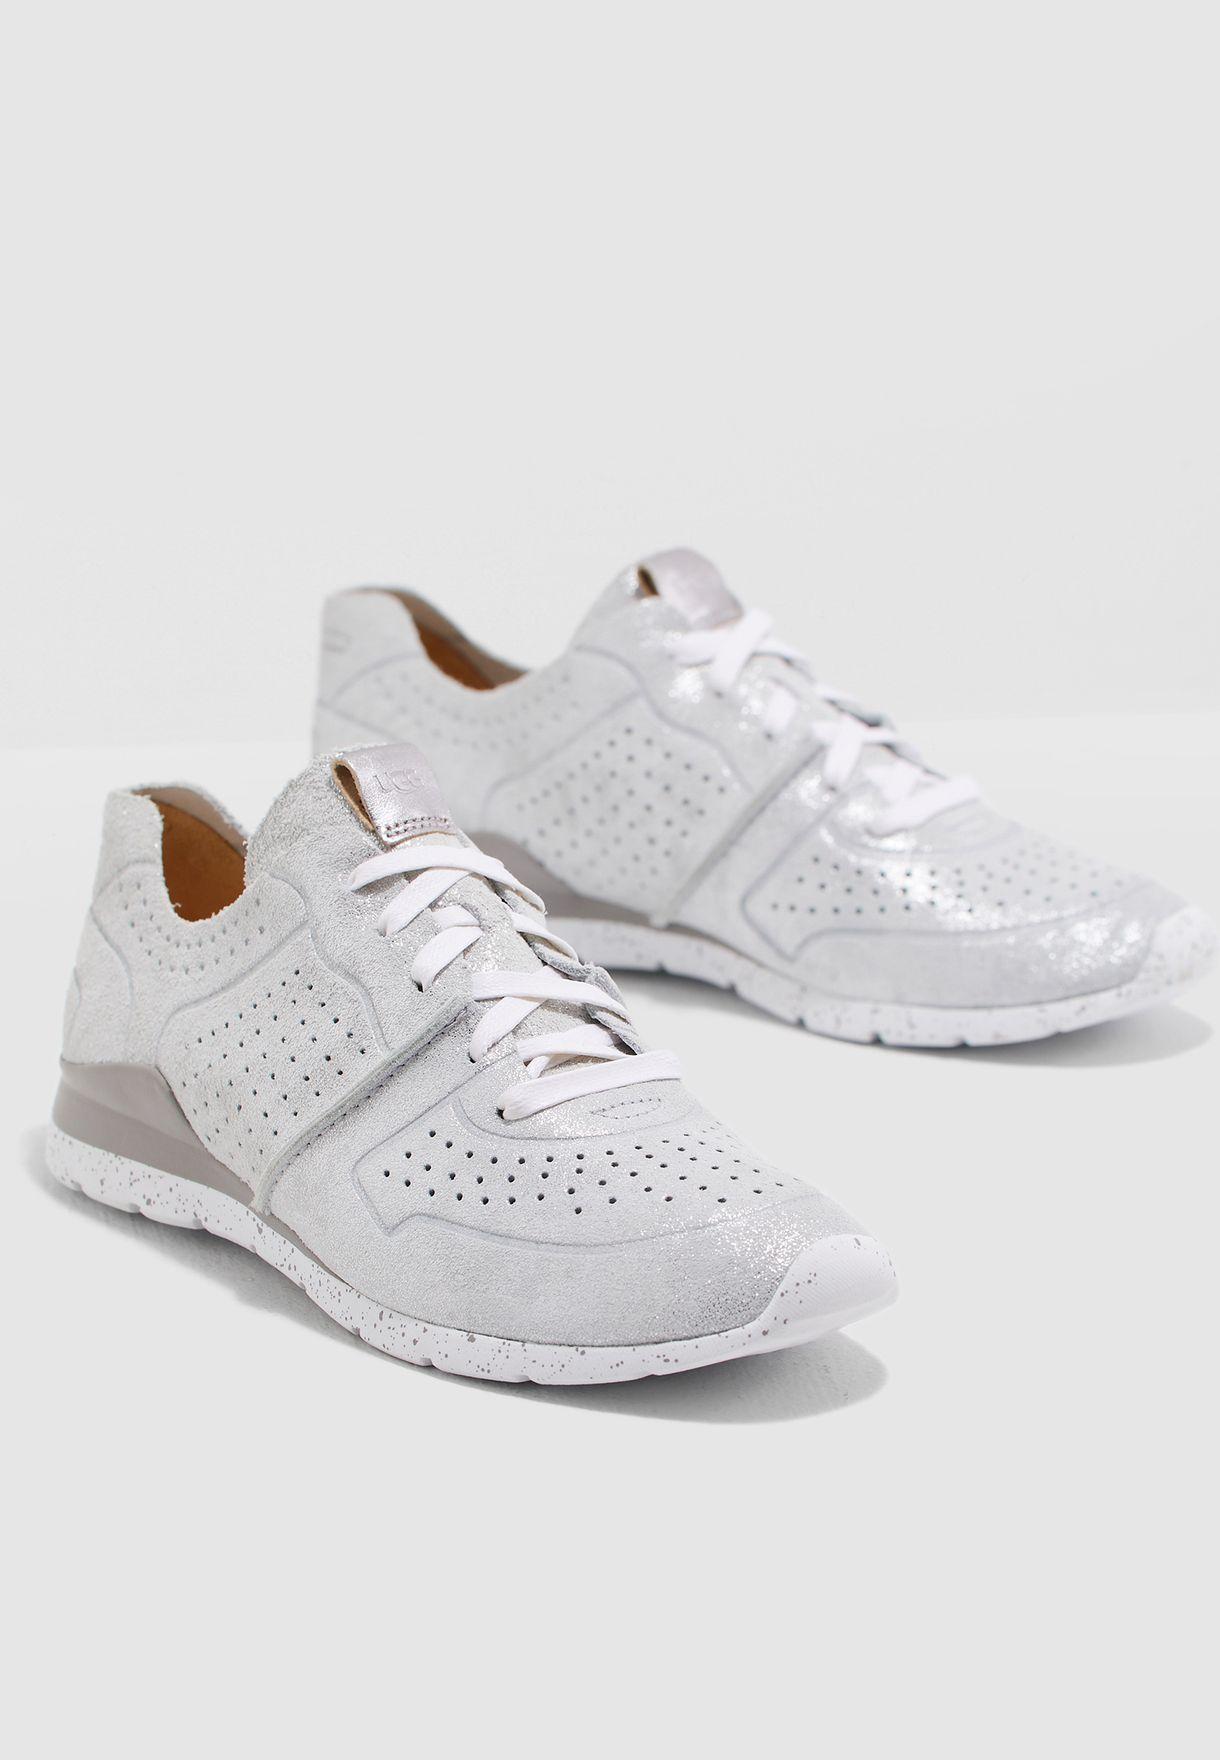 a7c7167a5aa Tye Stardust Low Top Sneaker